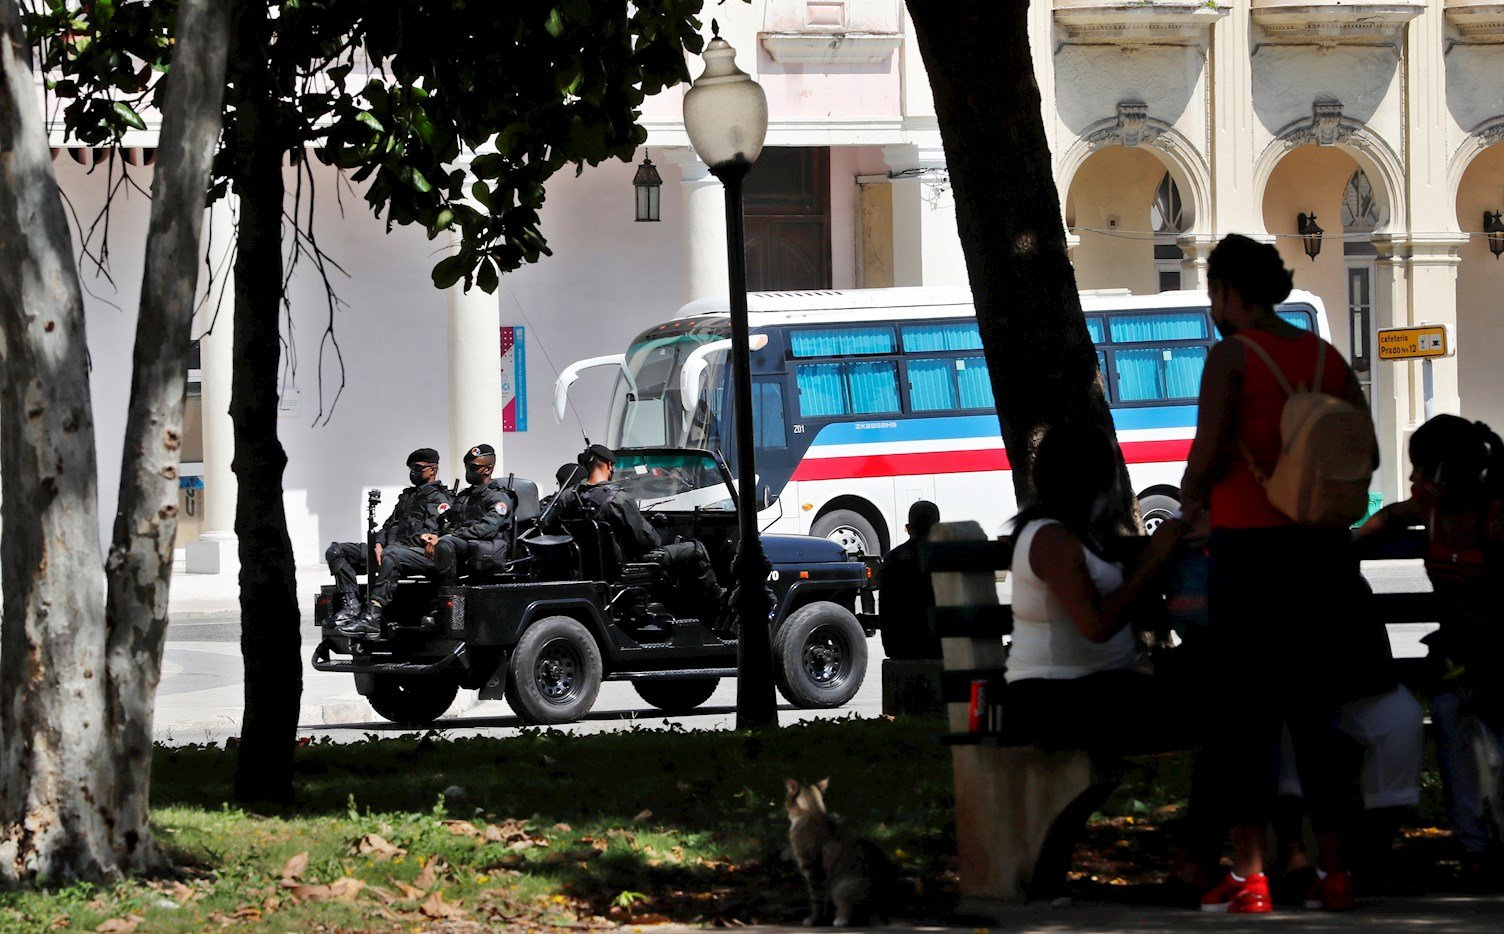 """Miembros de tropas antidisturbios, conocidos como """"boinas negras"""" pasan en vehículo por una calle de La Habana. Foto: Ernesto Mastrascusa / EFE."""